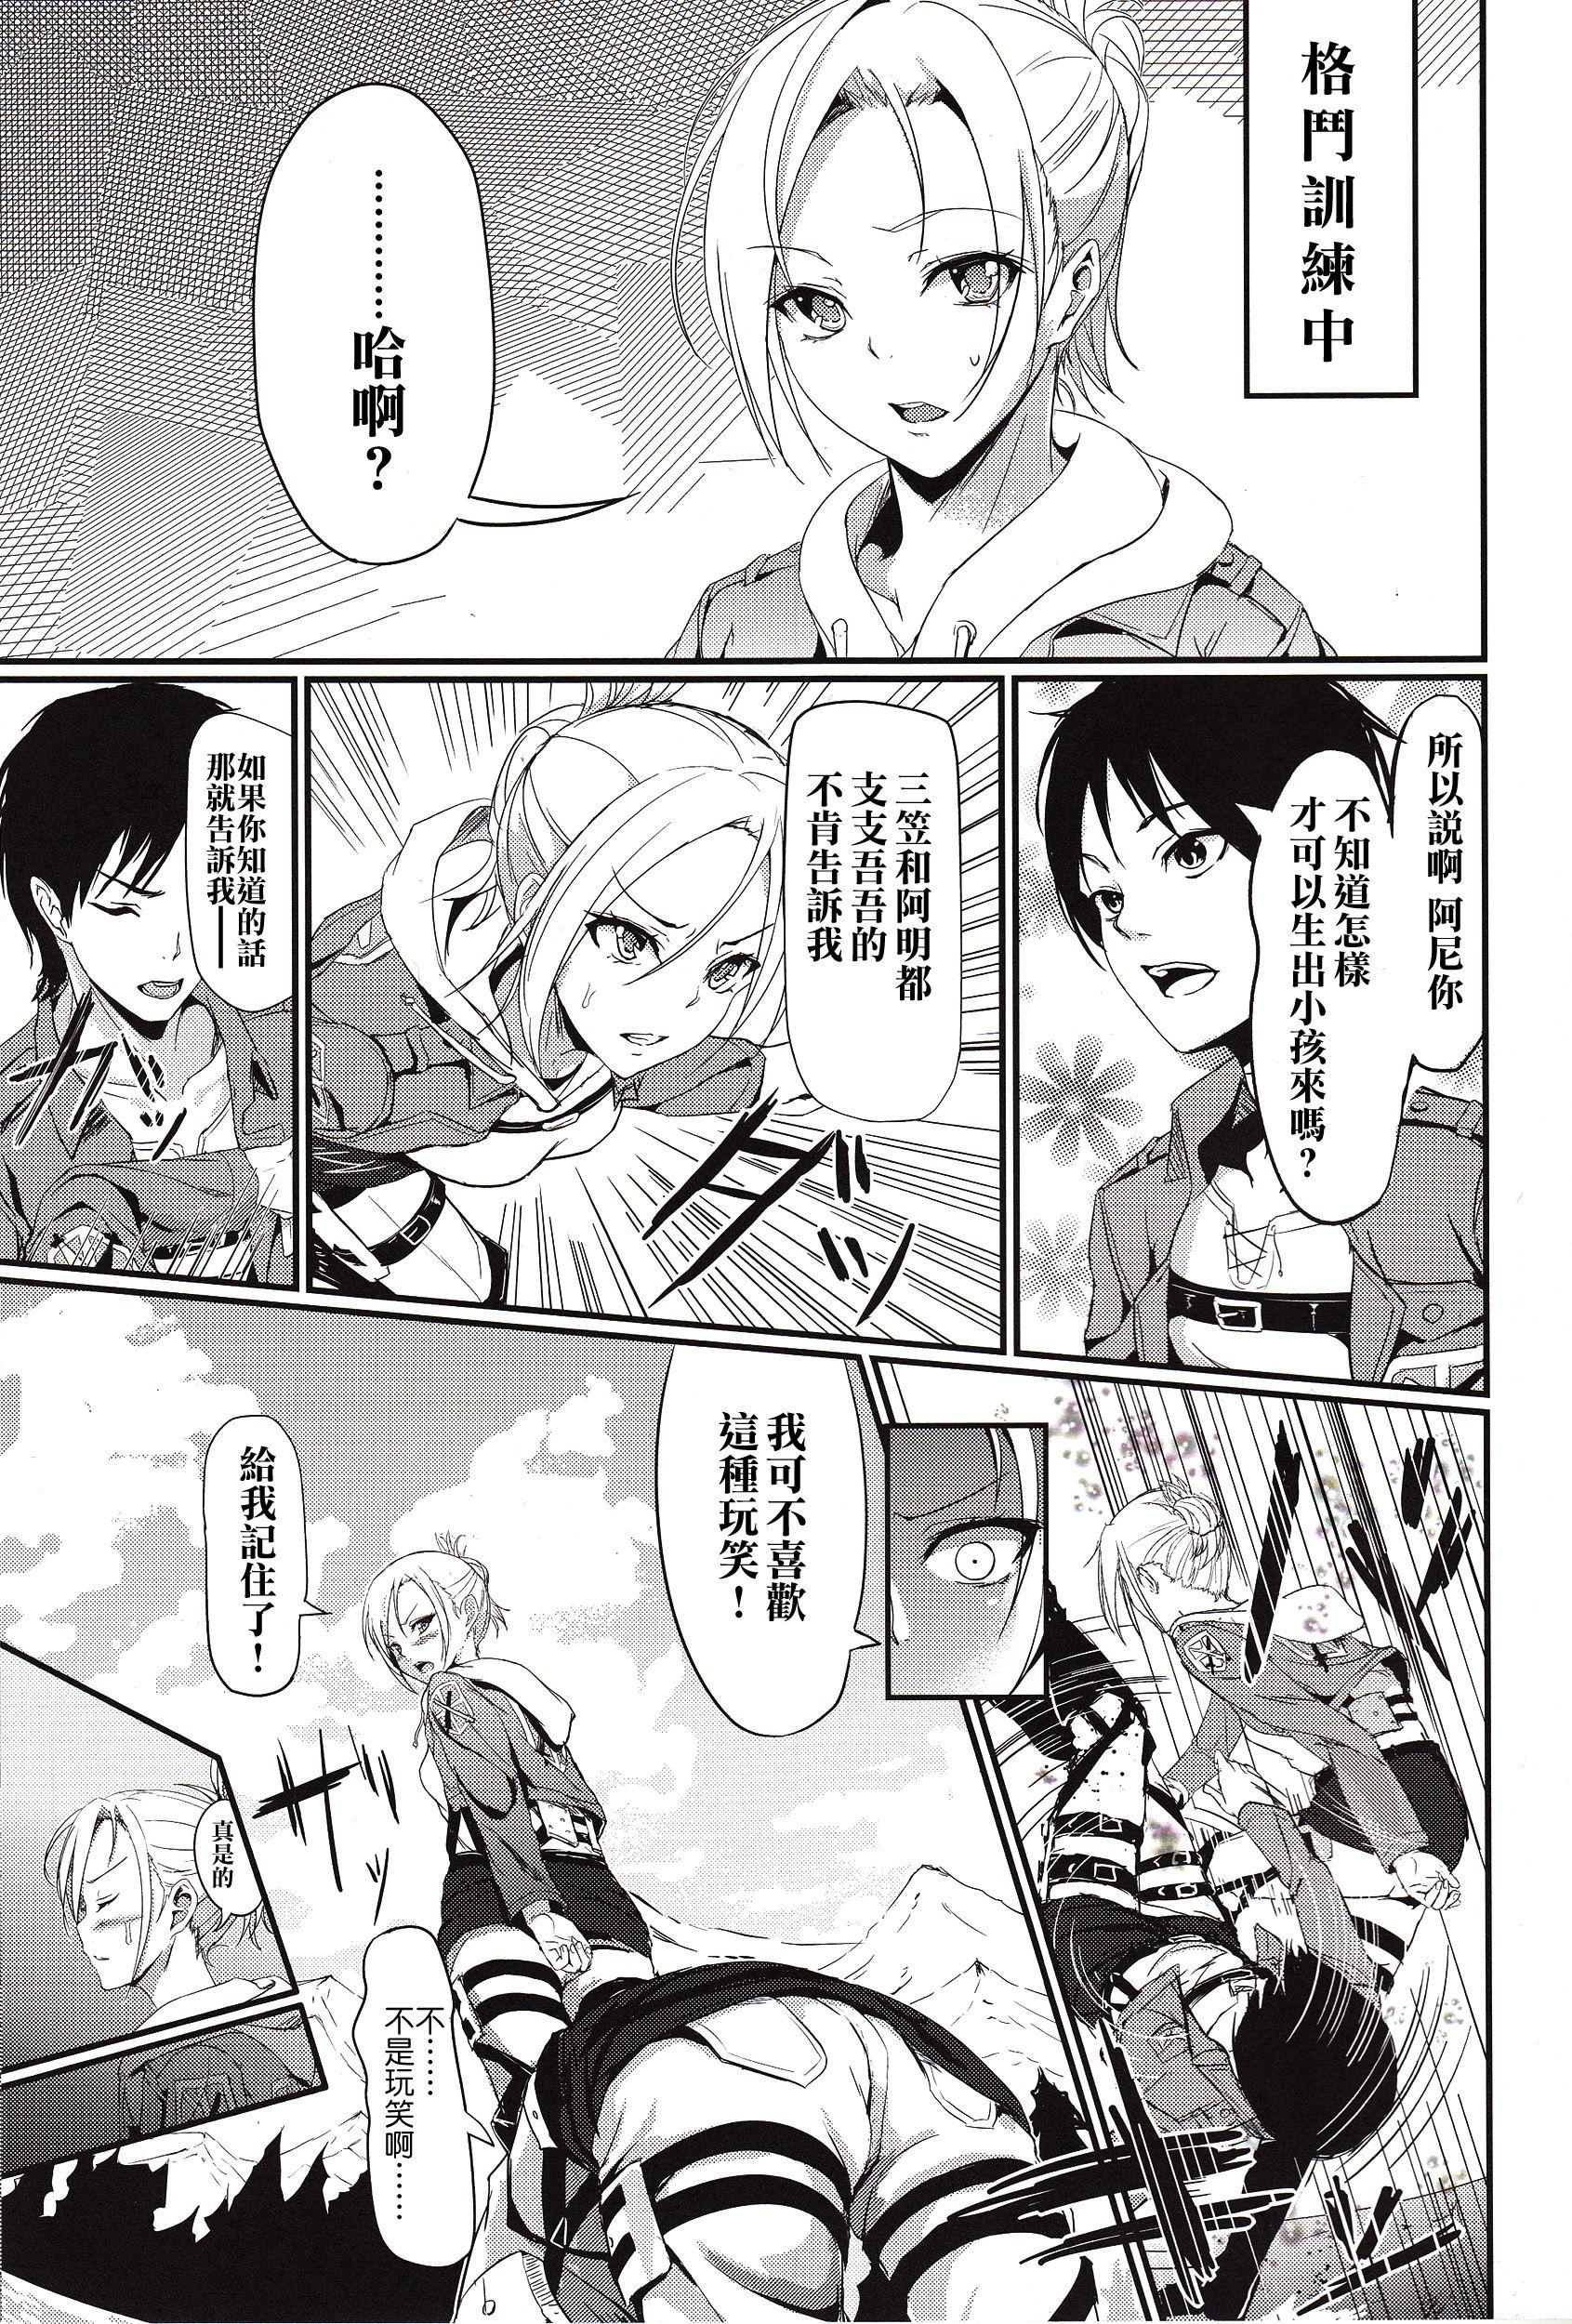 Kitsuritsu no kyochin hentai manga picture 14